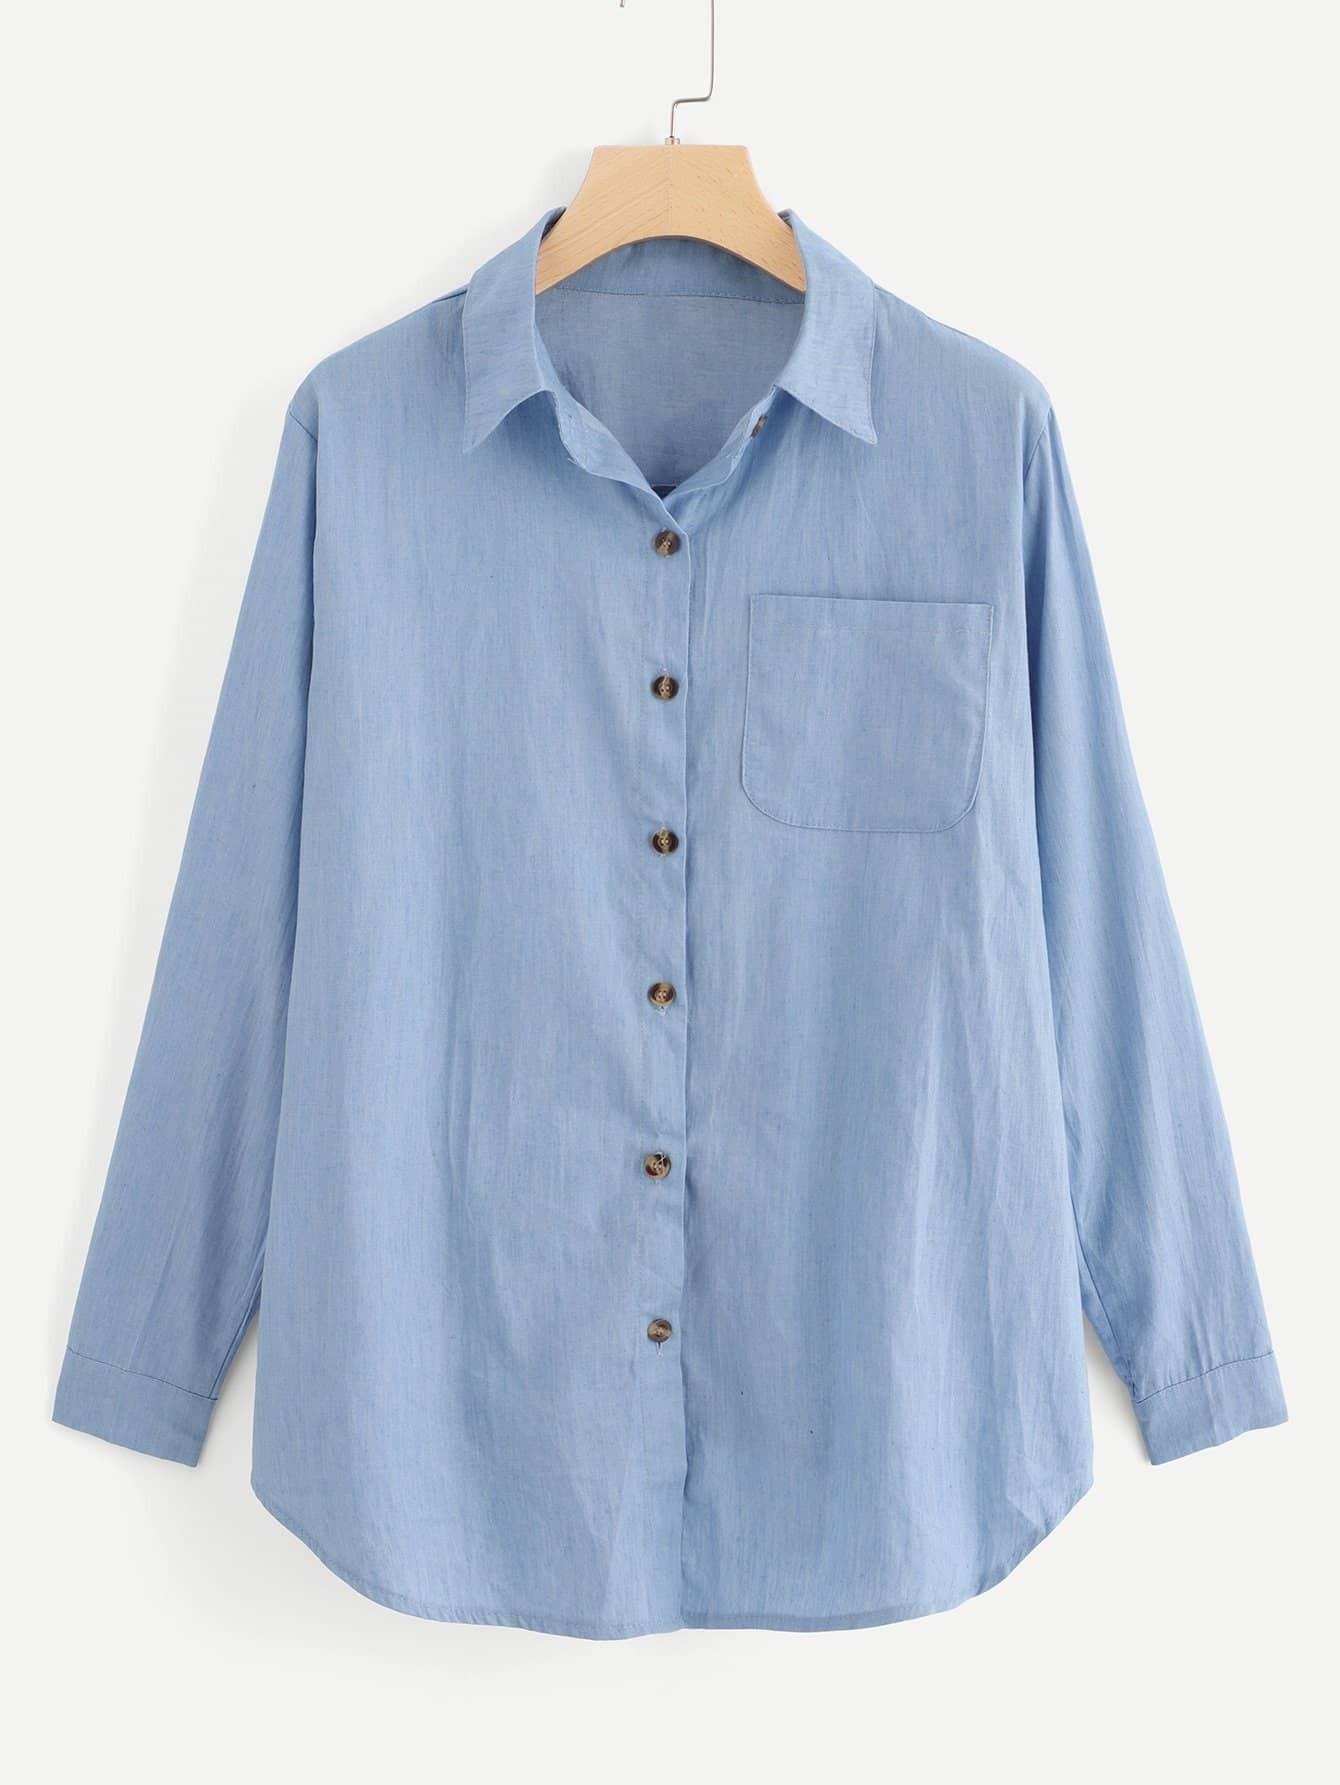 Купить Простая джинсовая блузка с украшением пуговицы перед одежды, null, SheIn